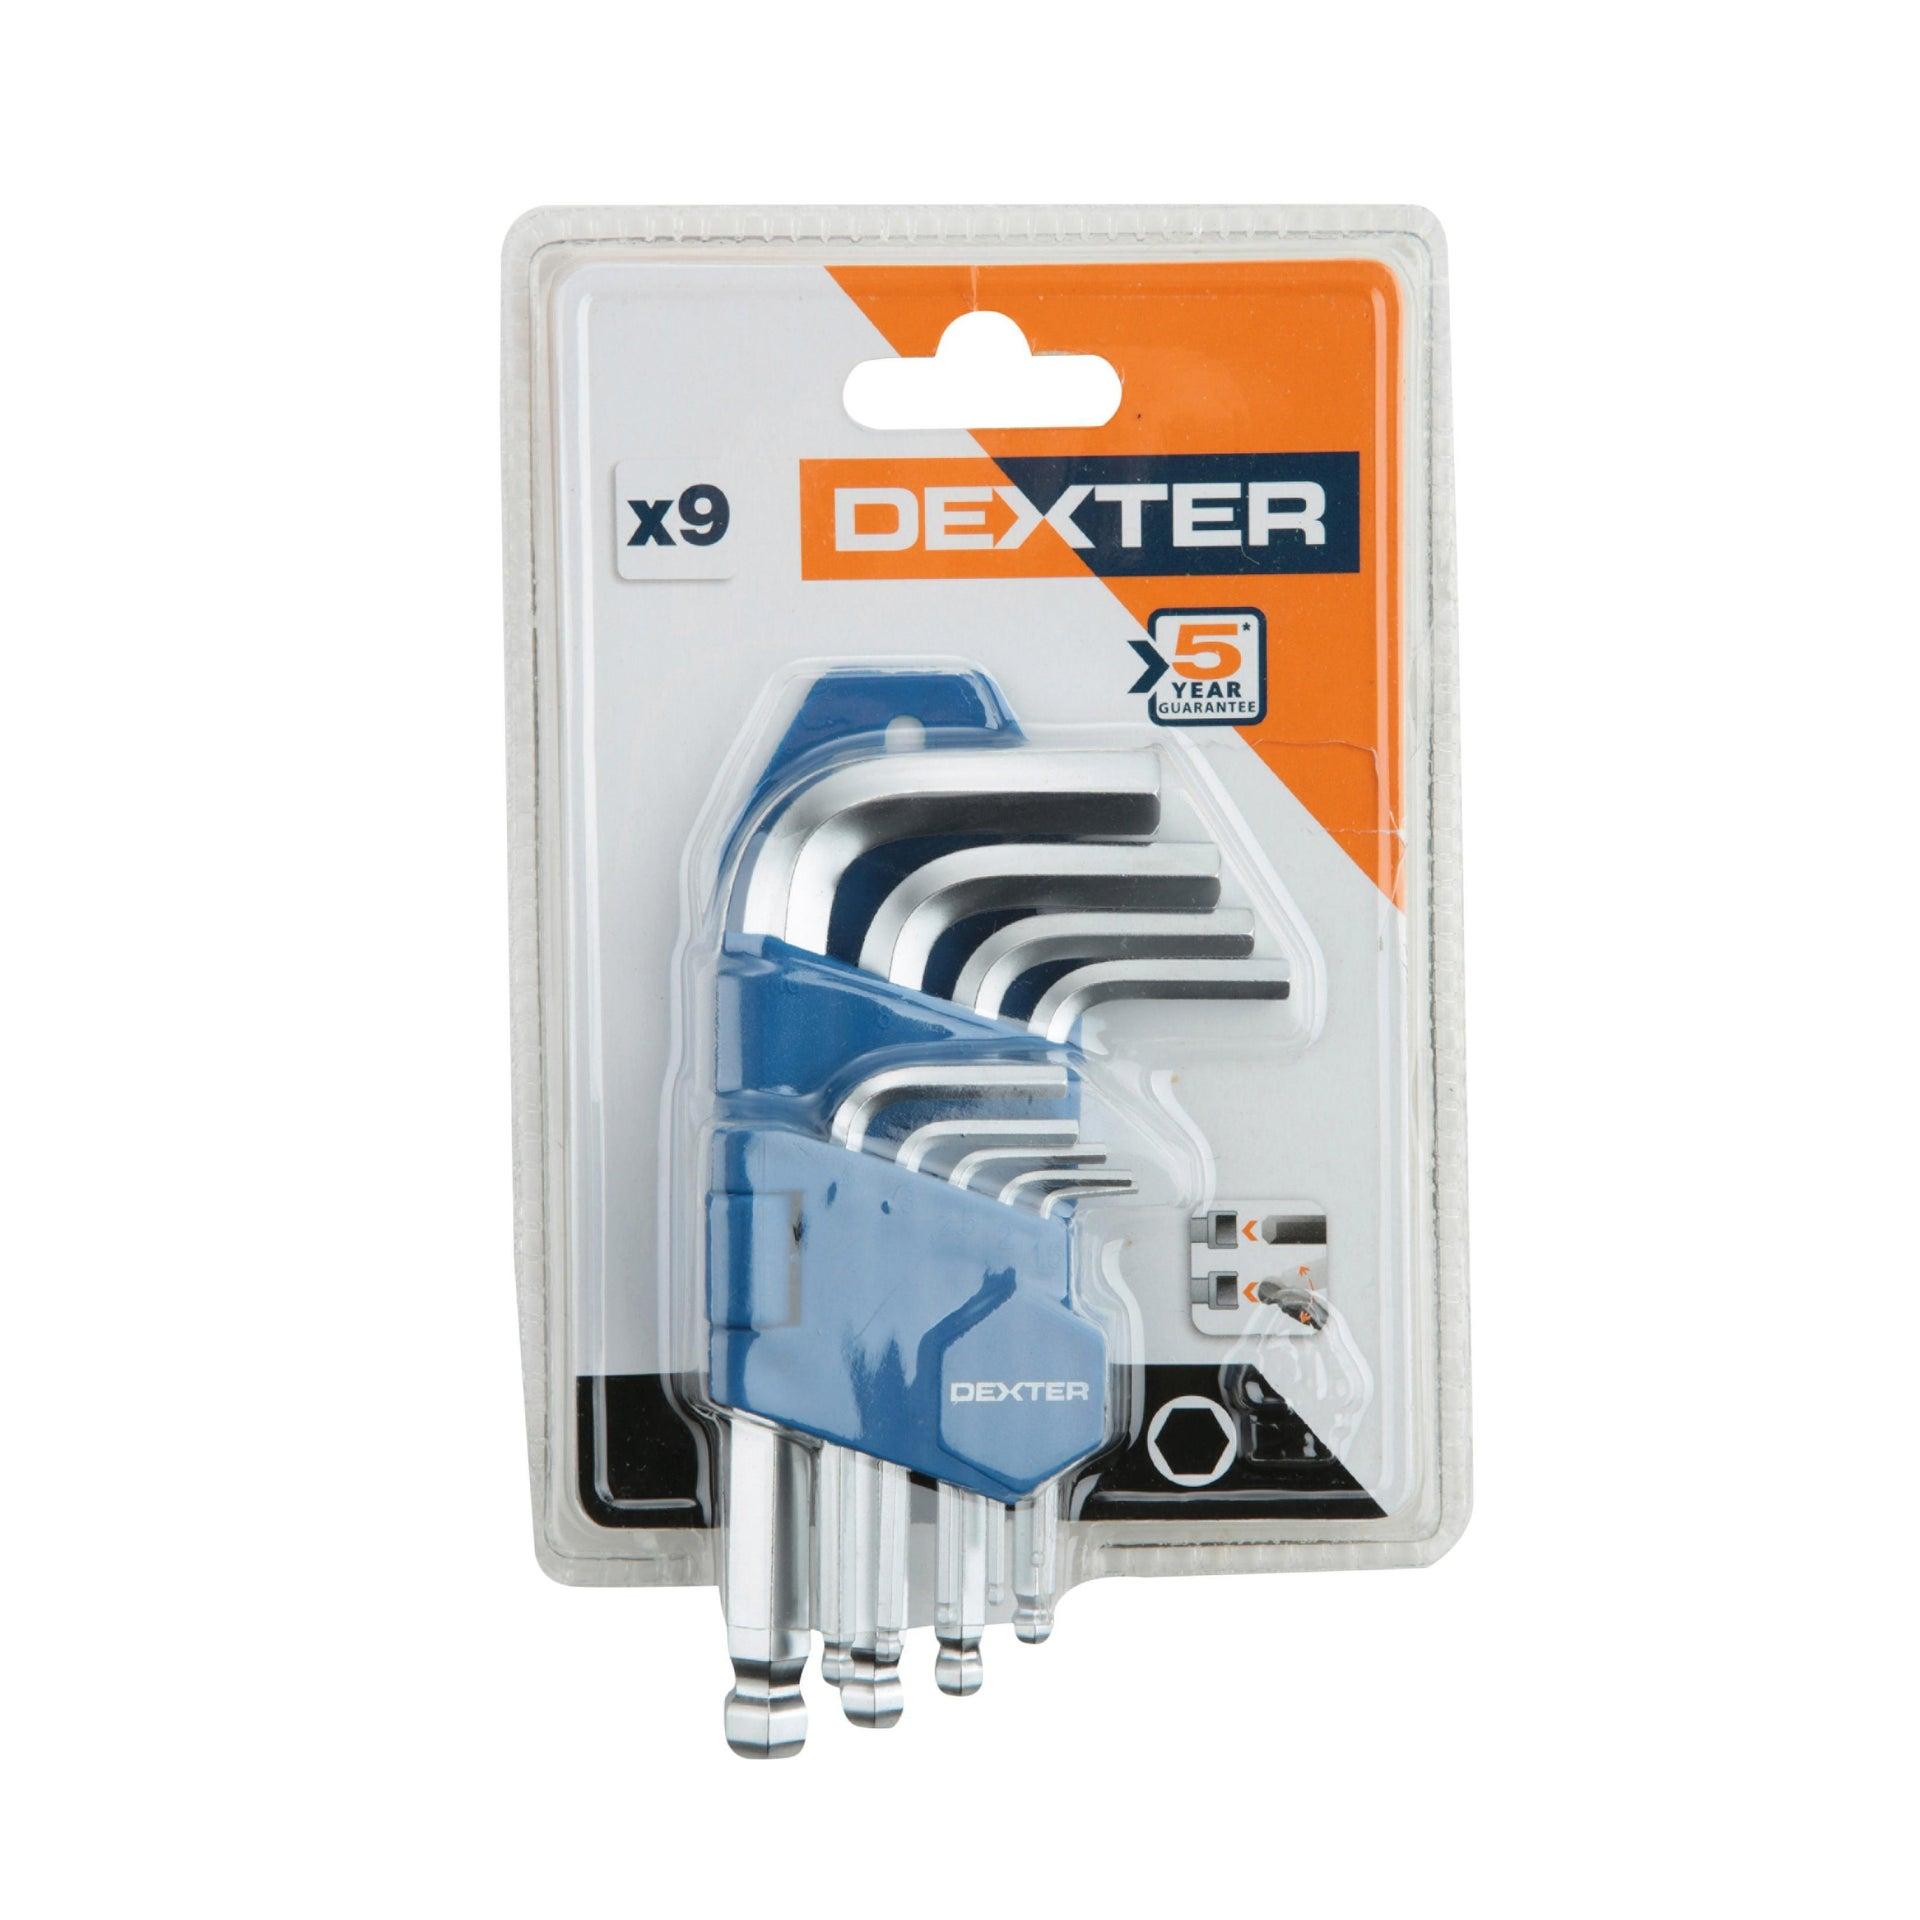 Set di chiave a brugola DEXTER 9 pezzi - 2